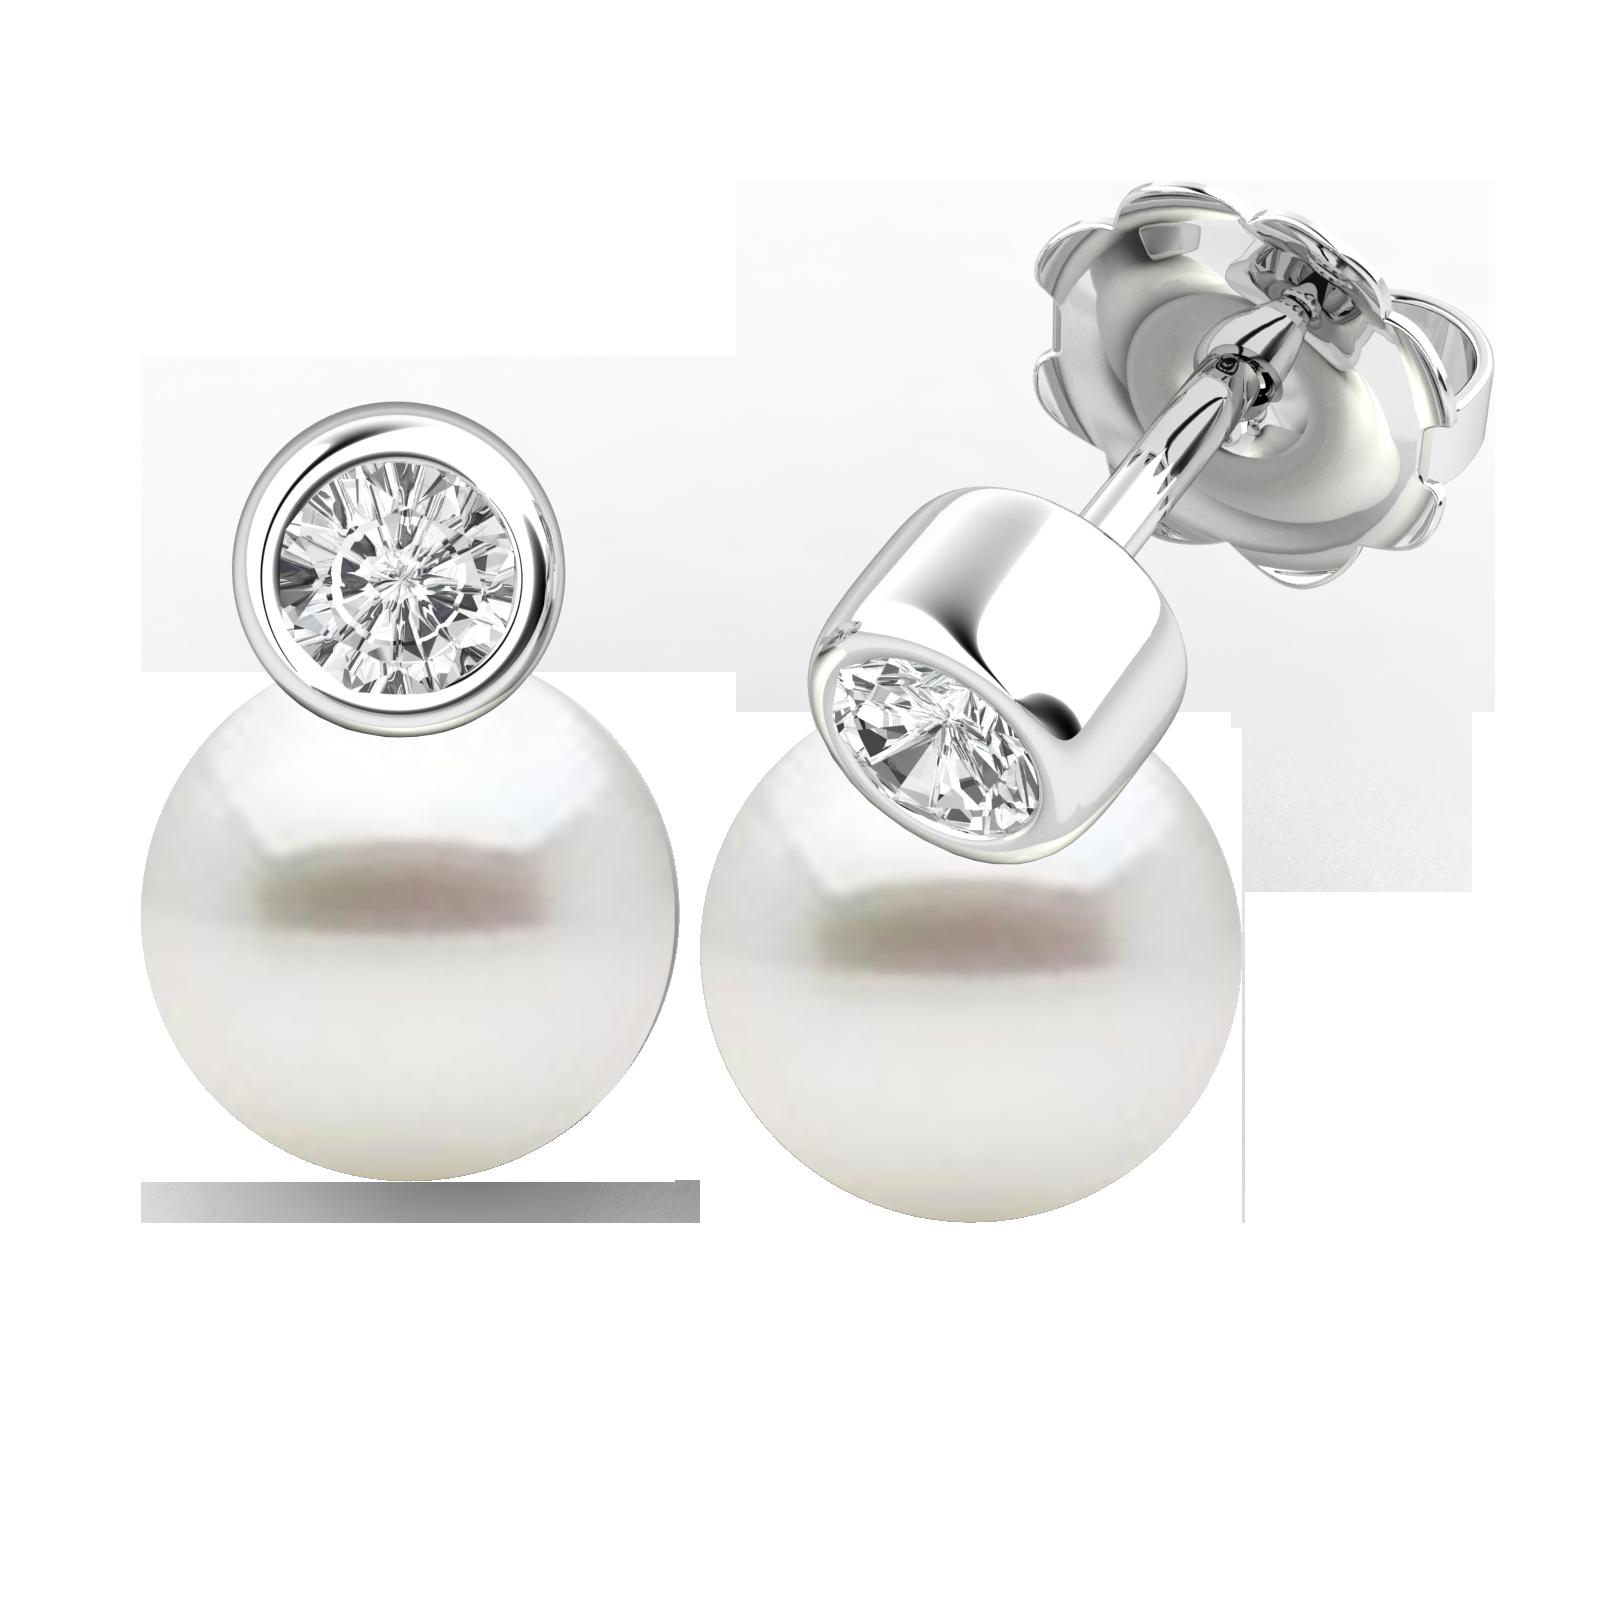 Perle-Diamant Ohrringe in 18kt Weißgold mit weißen Perlen und runden Brillantschliff Diamanten-img1